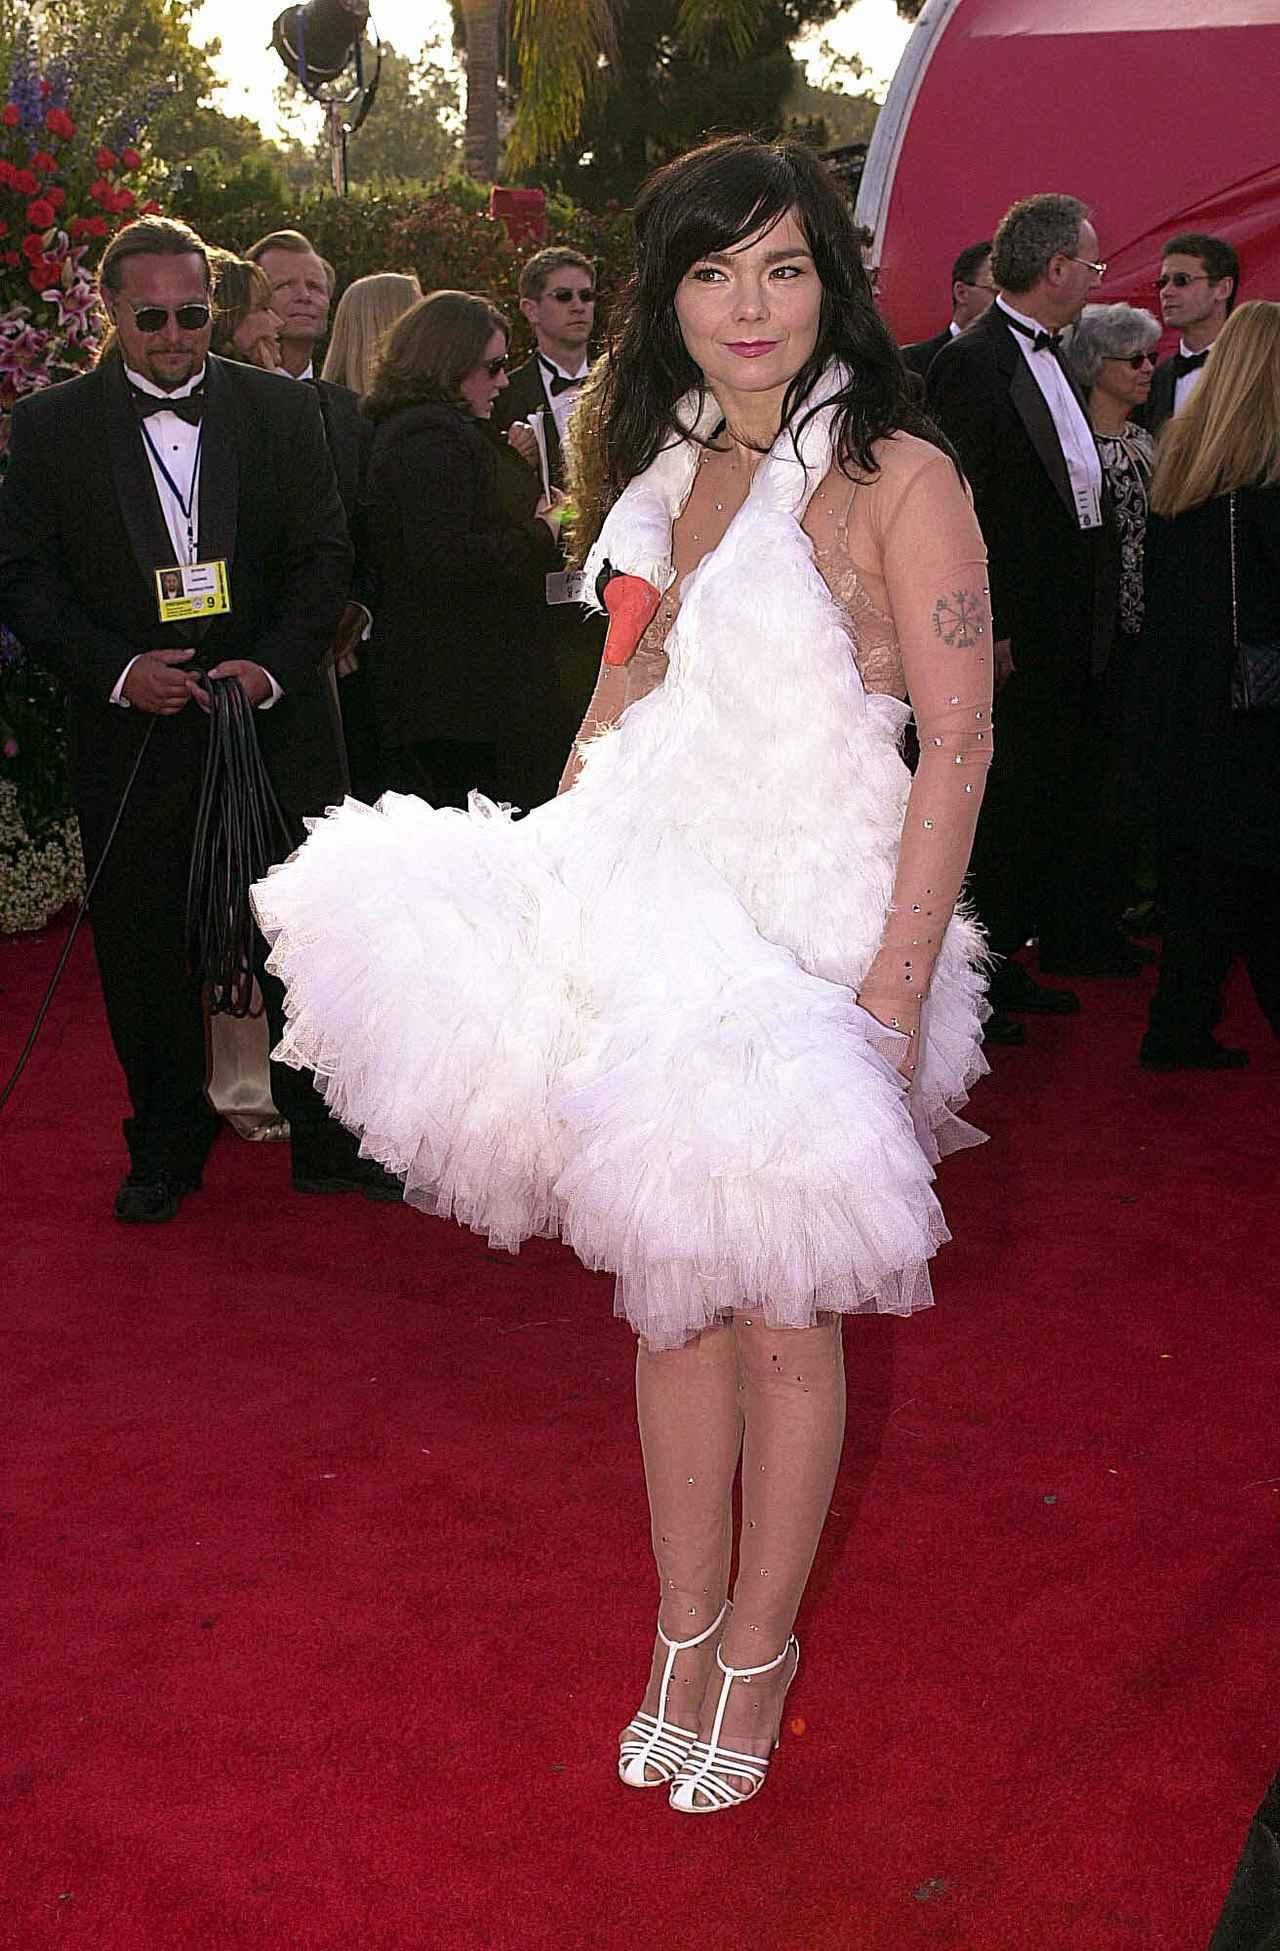 画像3: アカデミー賞授賞式で最もアイコニックだった衣装特集